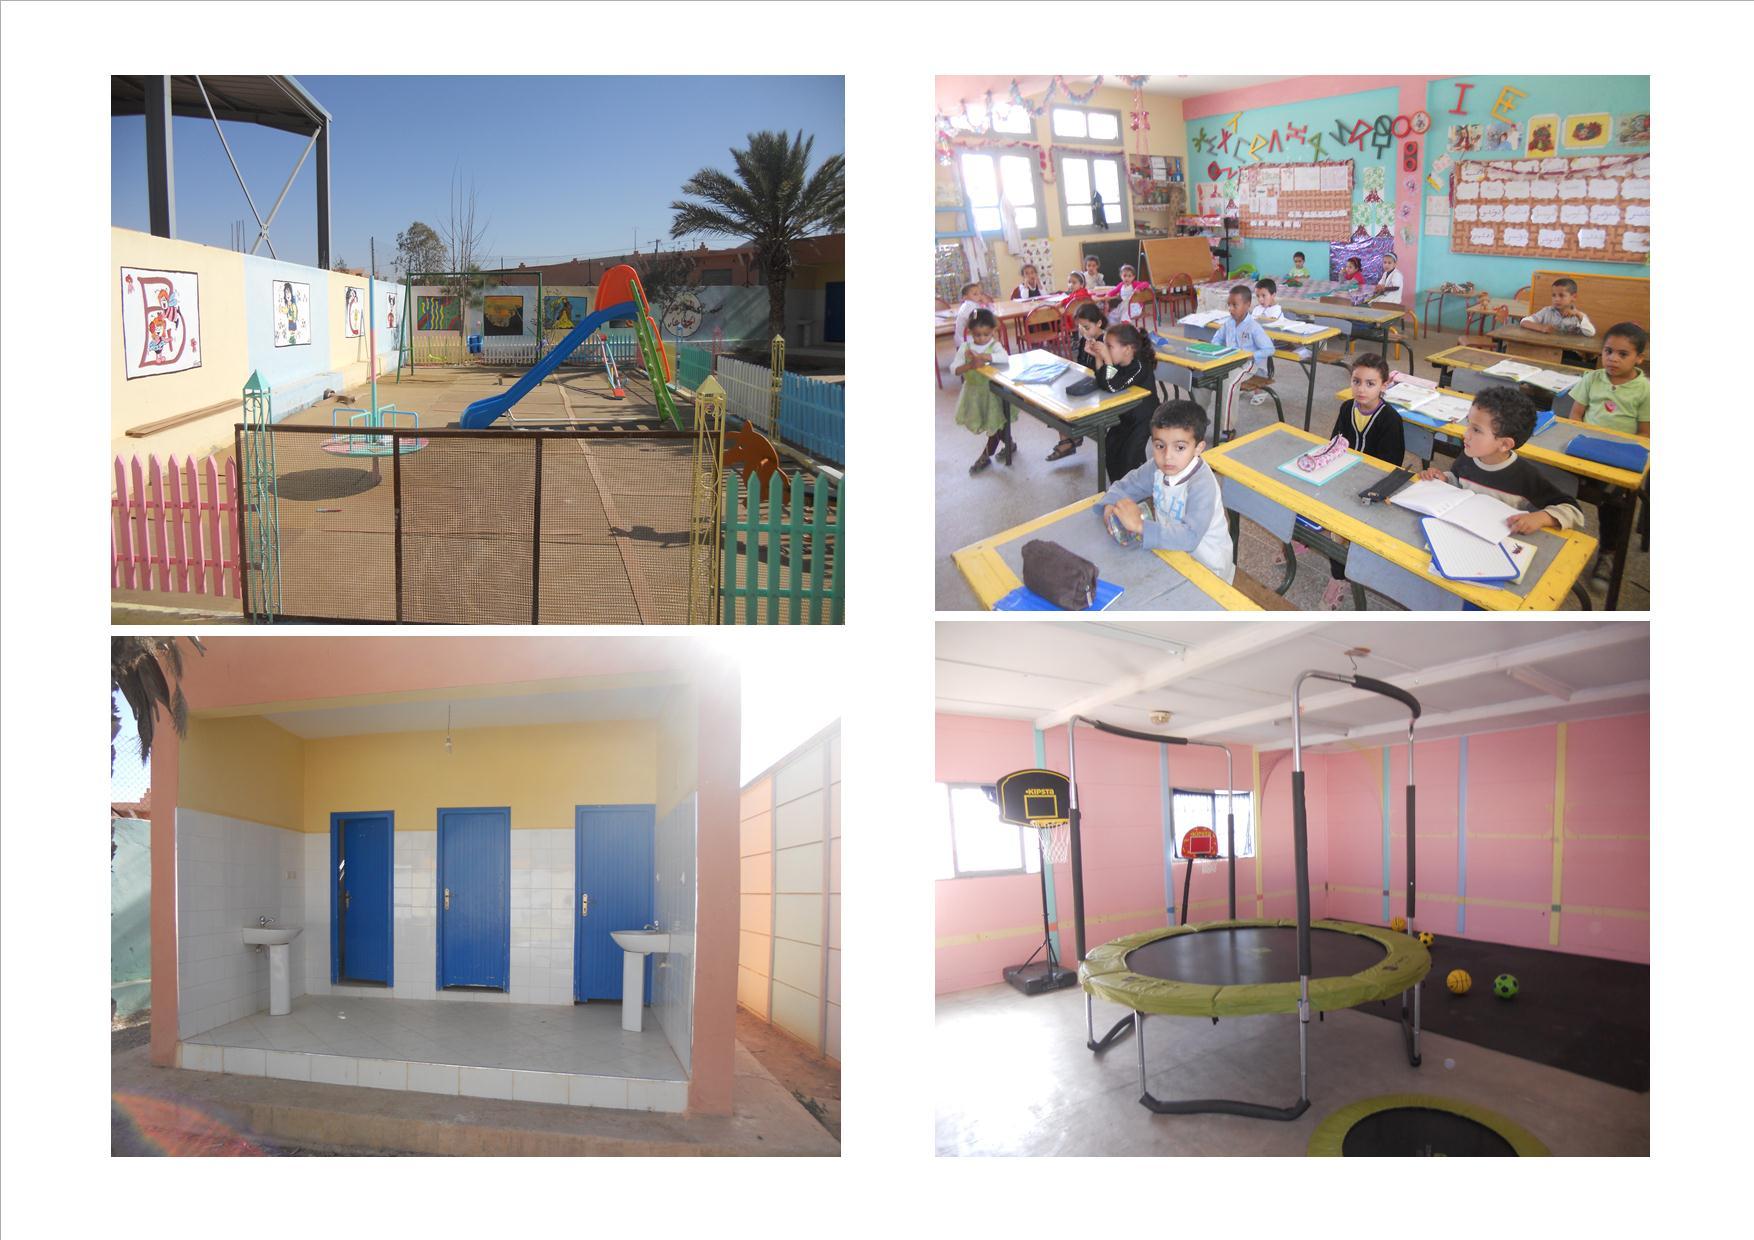 روض نموذجي للتعليم الاولي في طور الانجاز بجماعة رسموكة اقليم تيزنيت